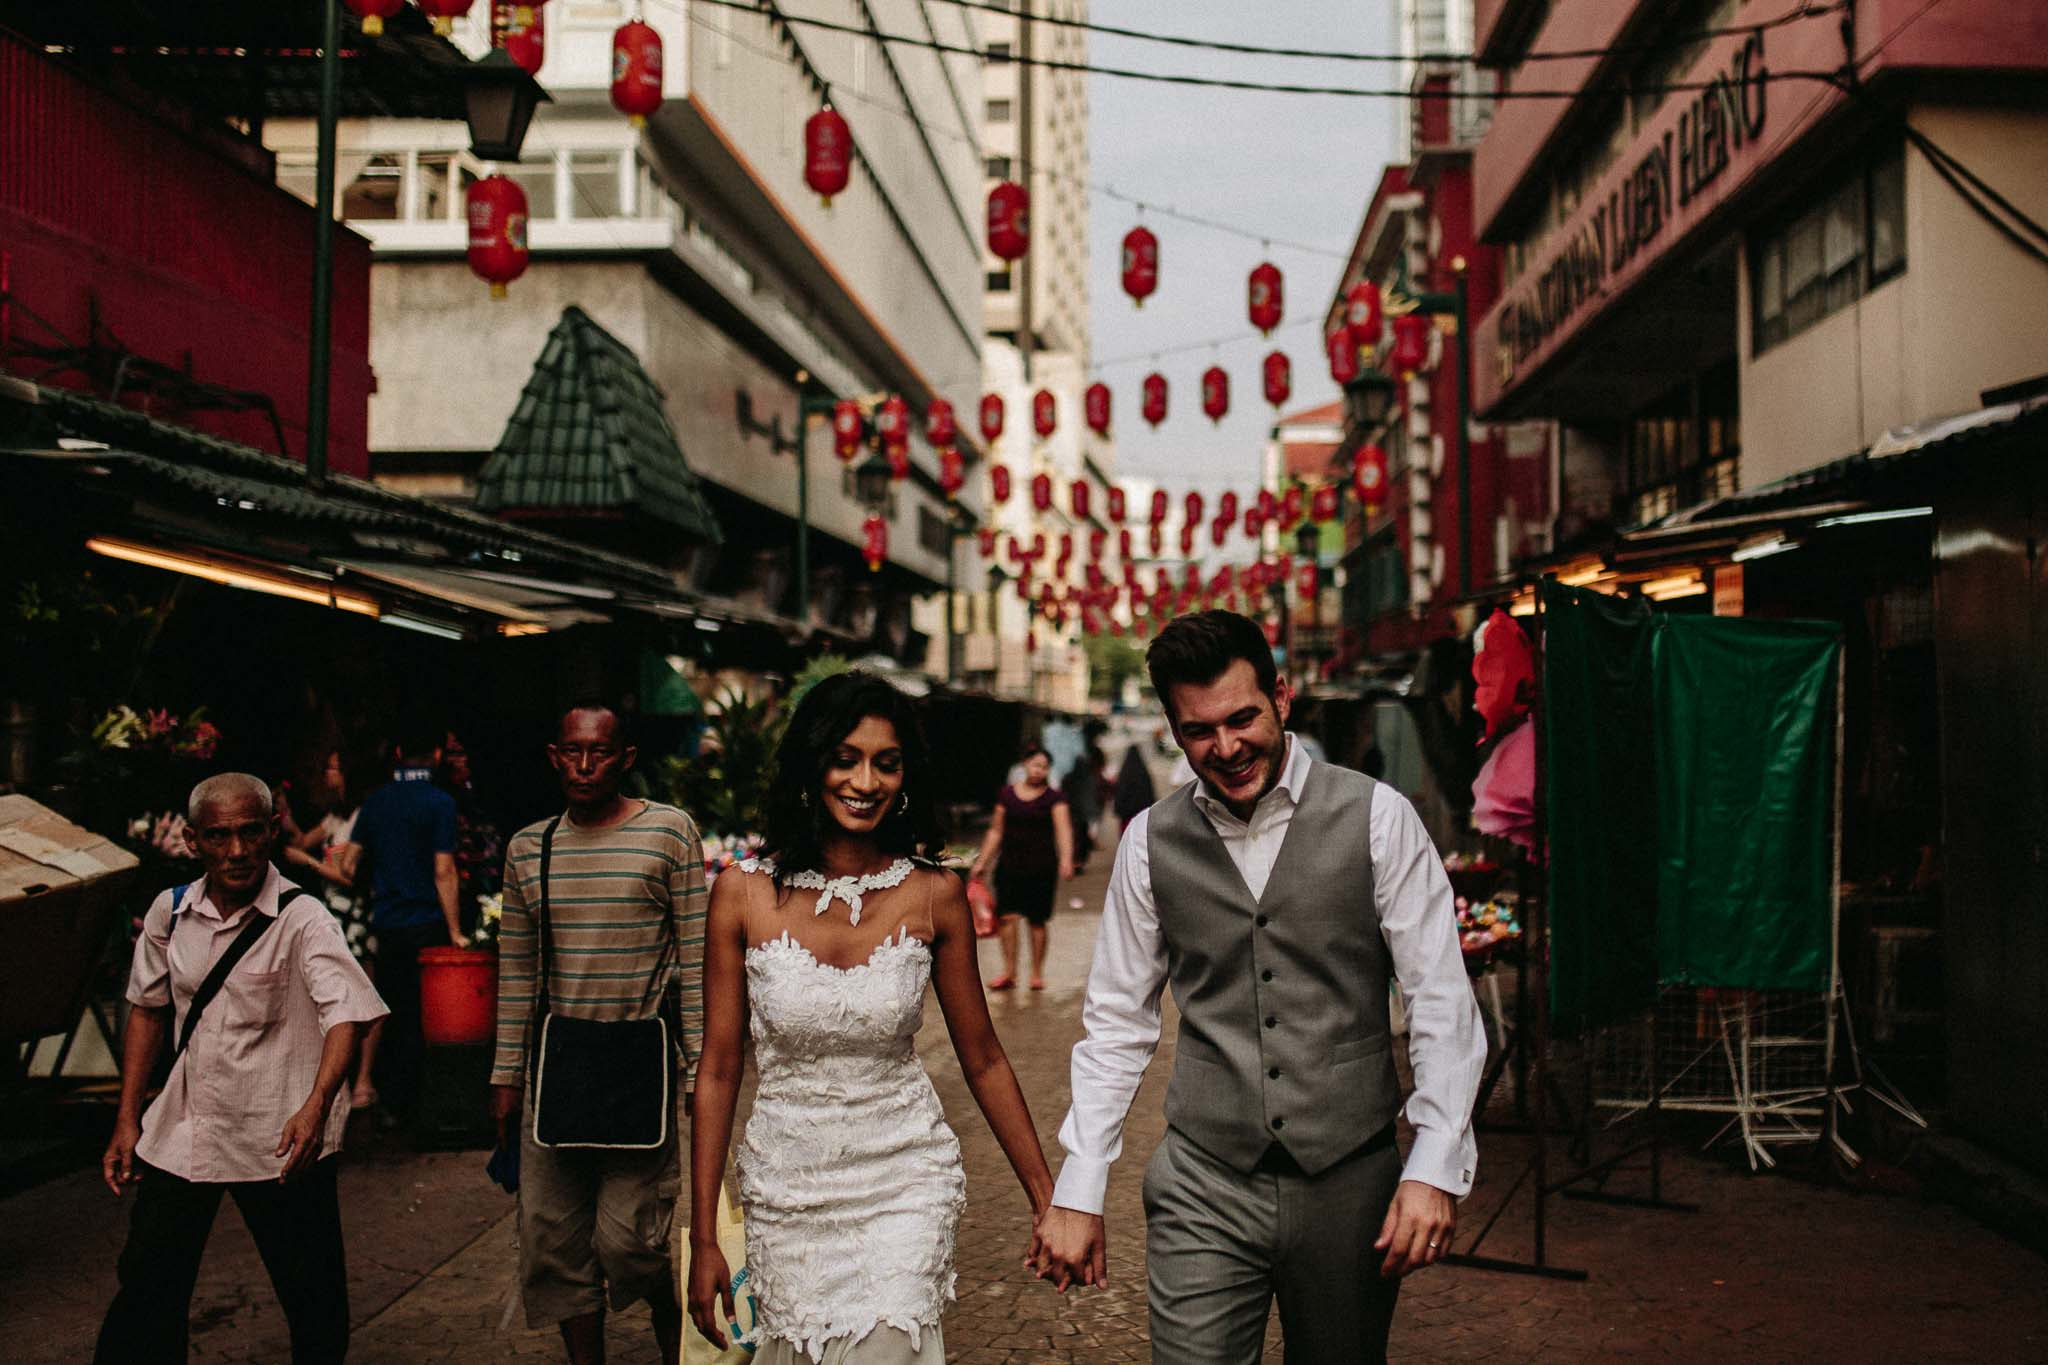 u&m-weddingsbyqay-lovesession-destinationweddingphotographer (29 of 160).jpg